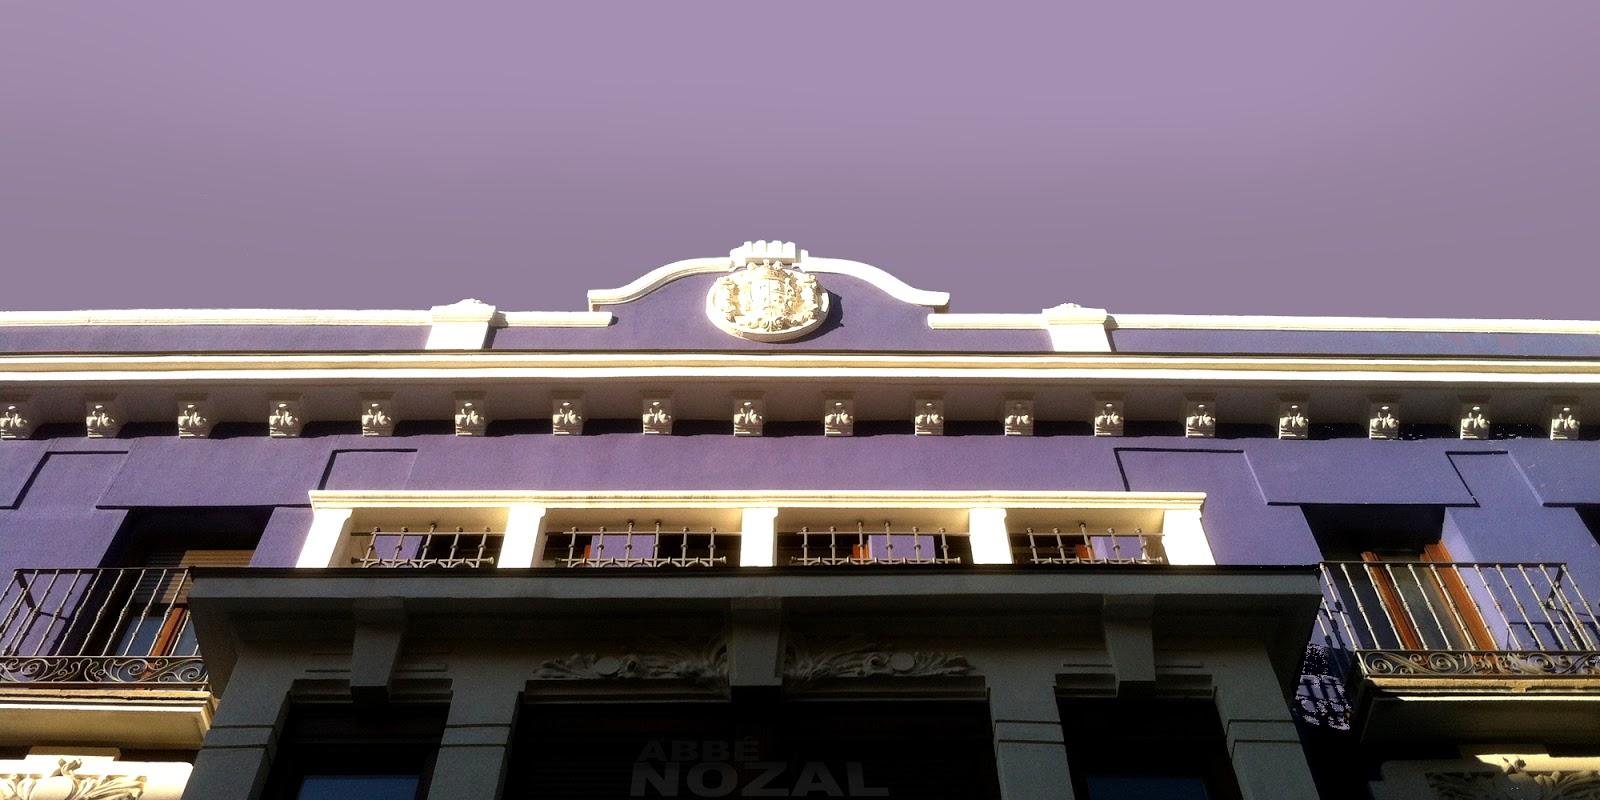 Cielo y fachada, 2014 Abbé Nozal